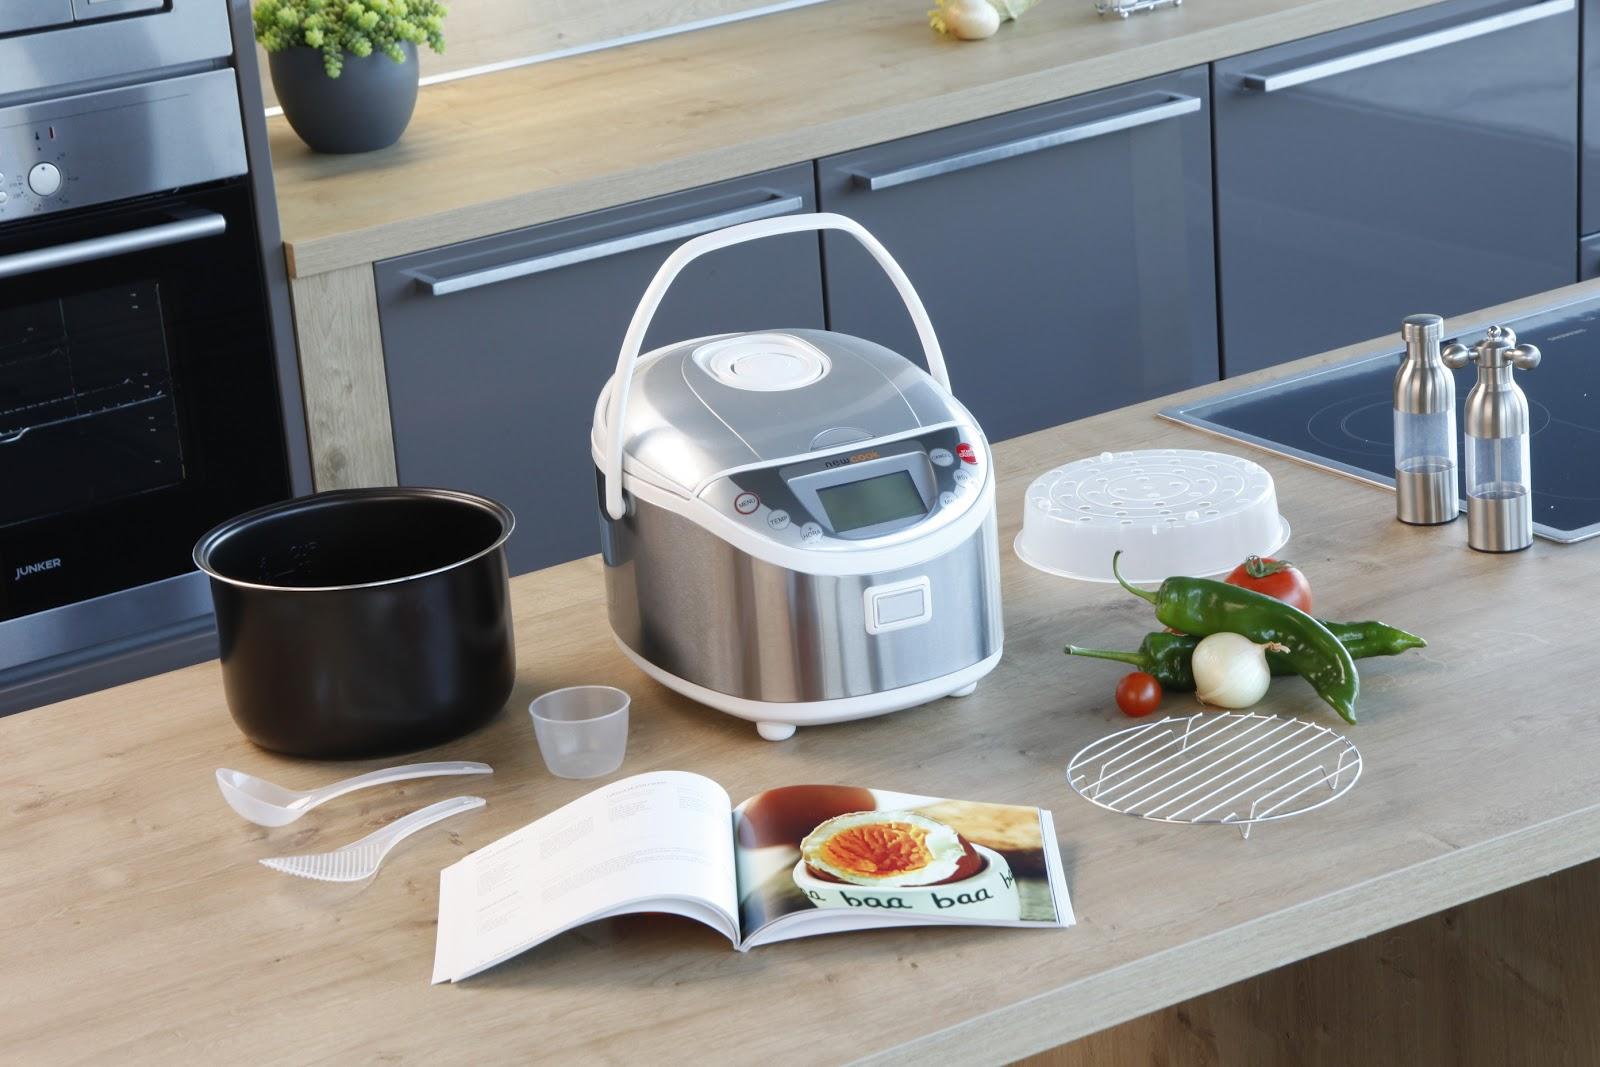 Robot de cocina con voz eo cook - Cocinar con robots de cocina ...